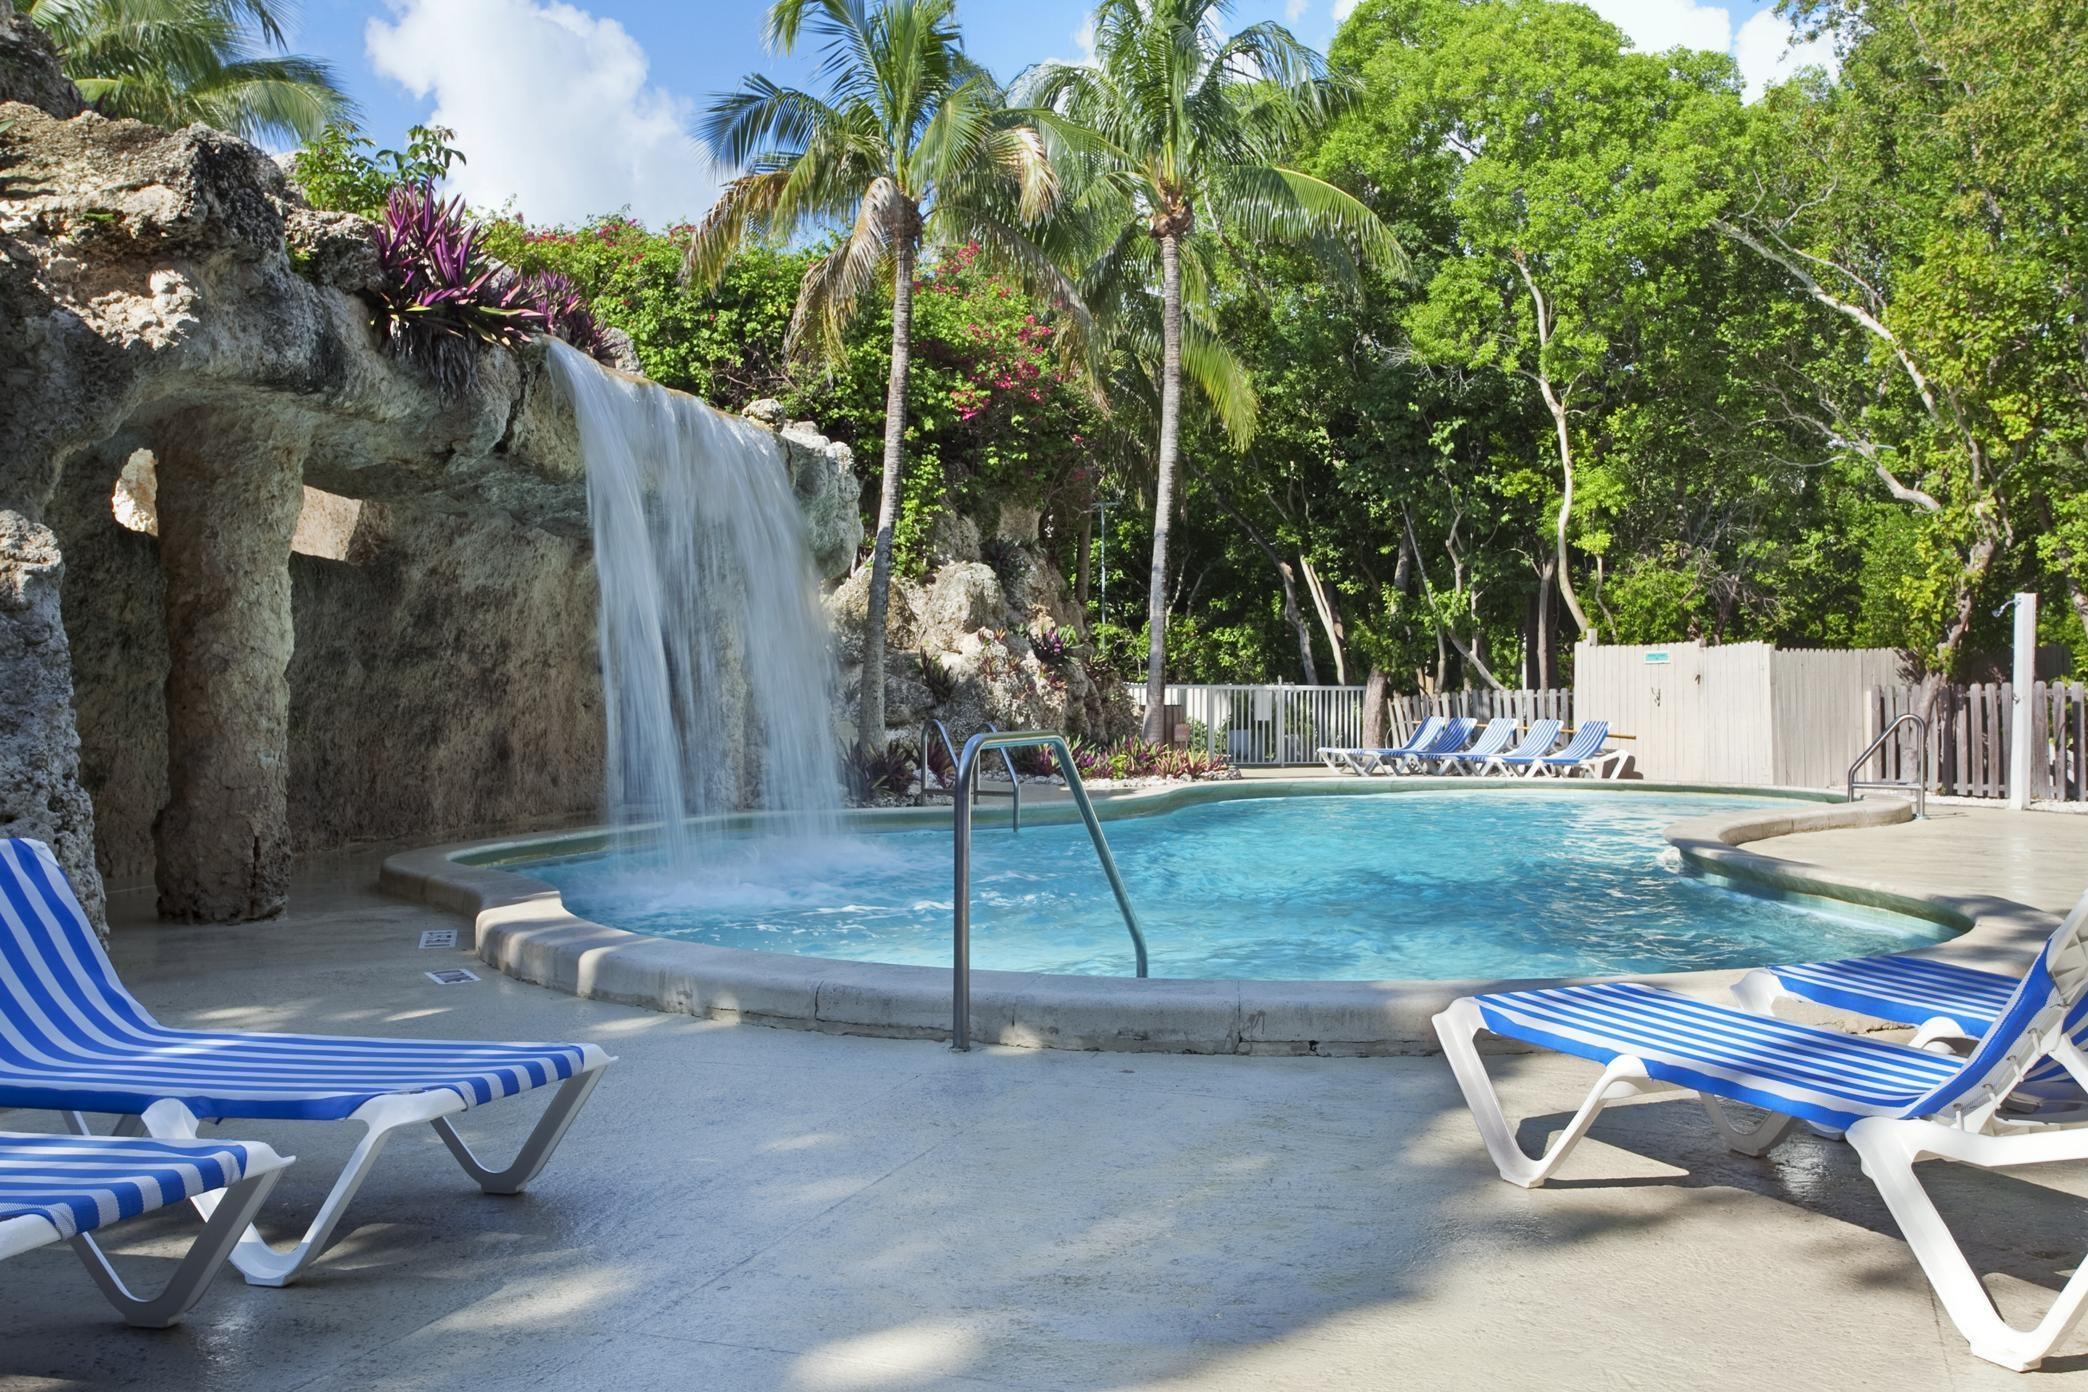 Hilton Key Largo Resort image 4